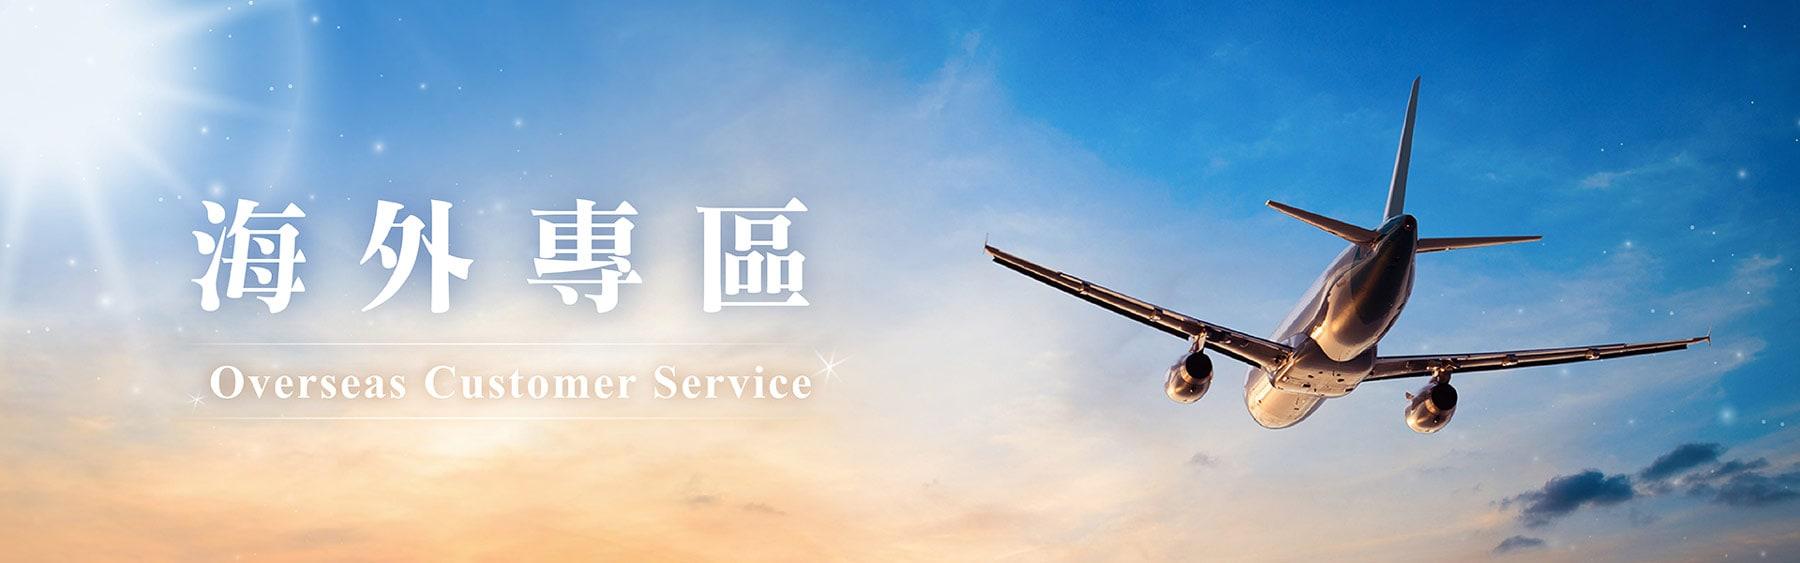 海外專區banner